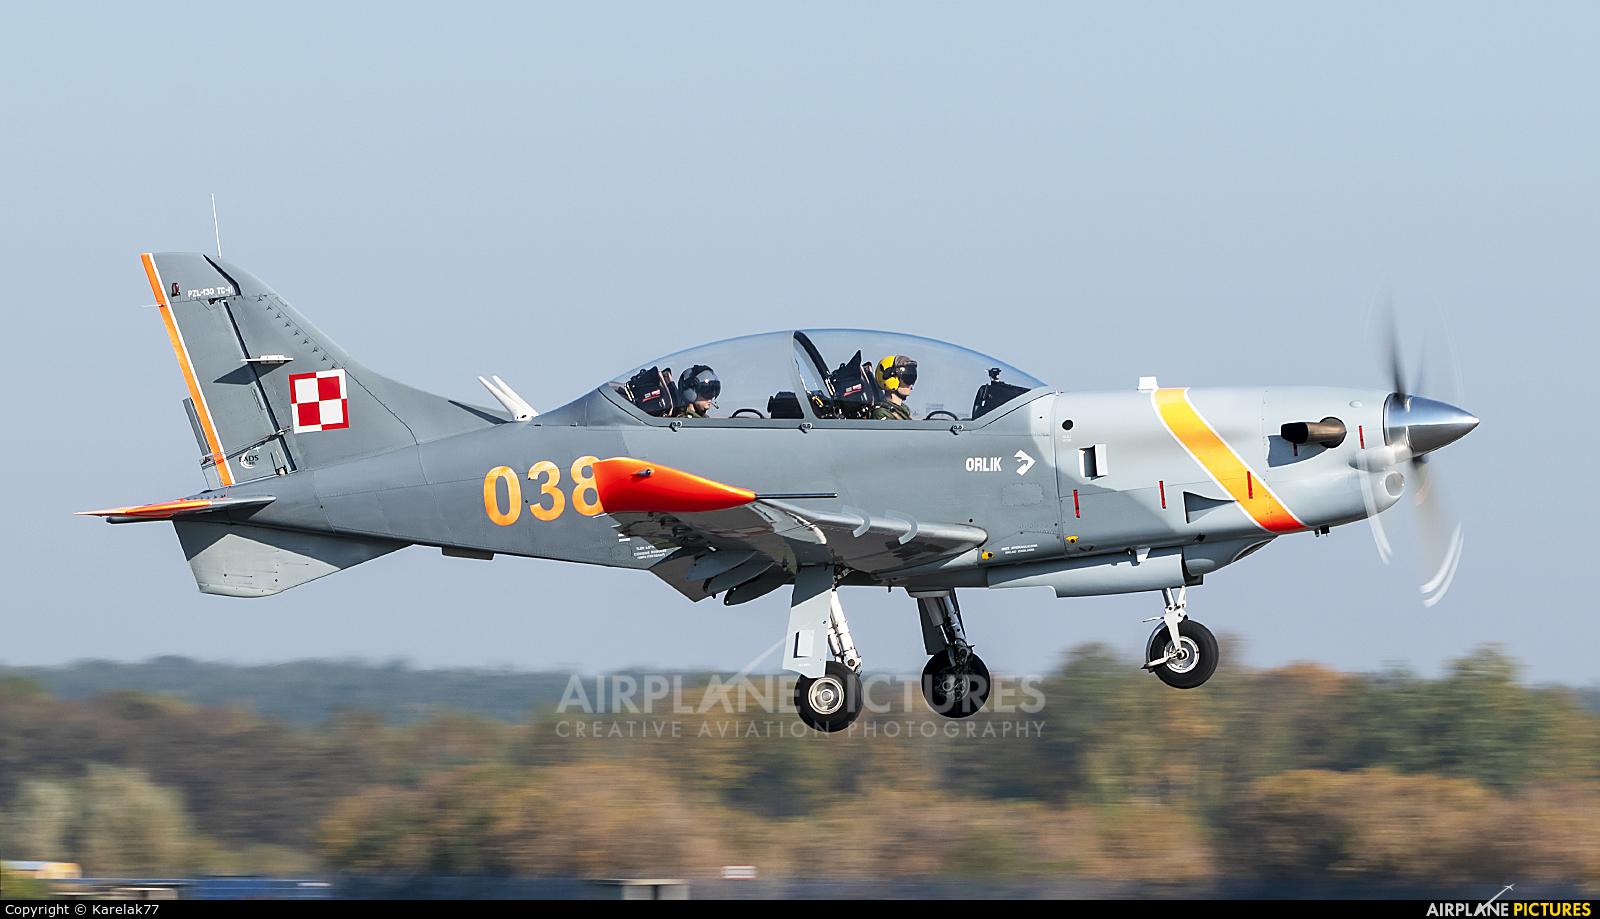 Poland - Army 038 aircraft at Dęblin